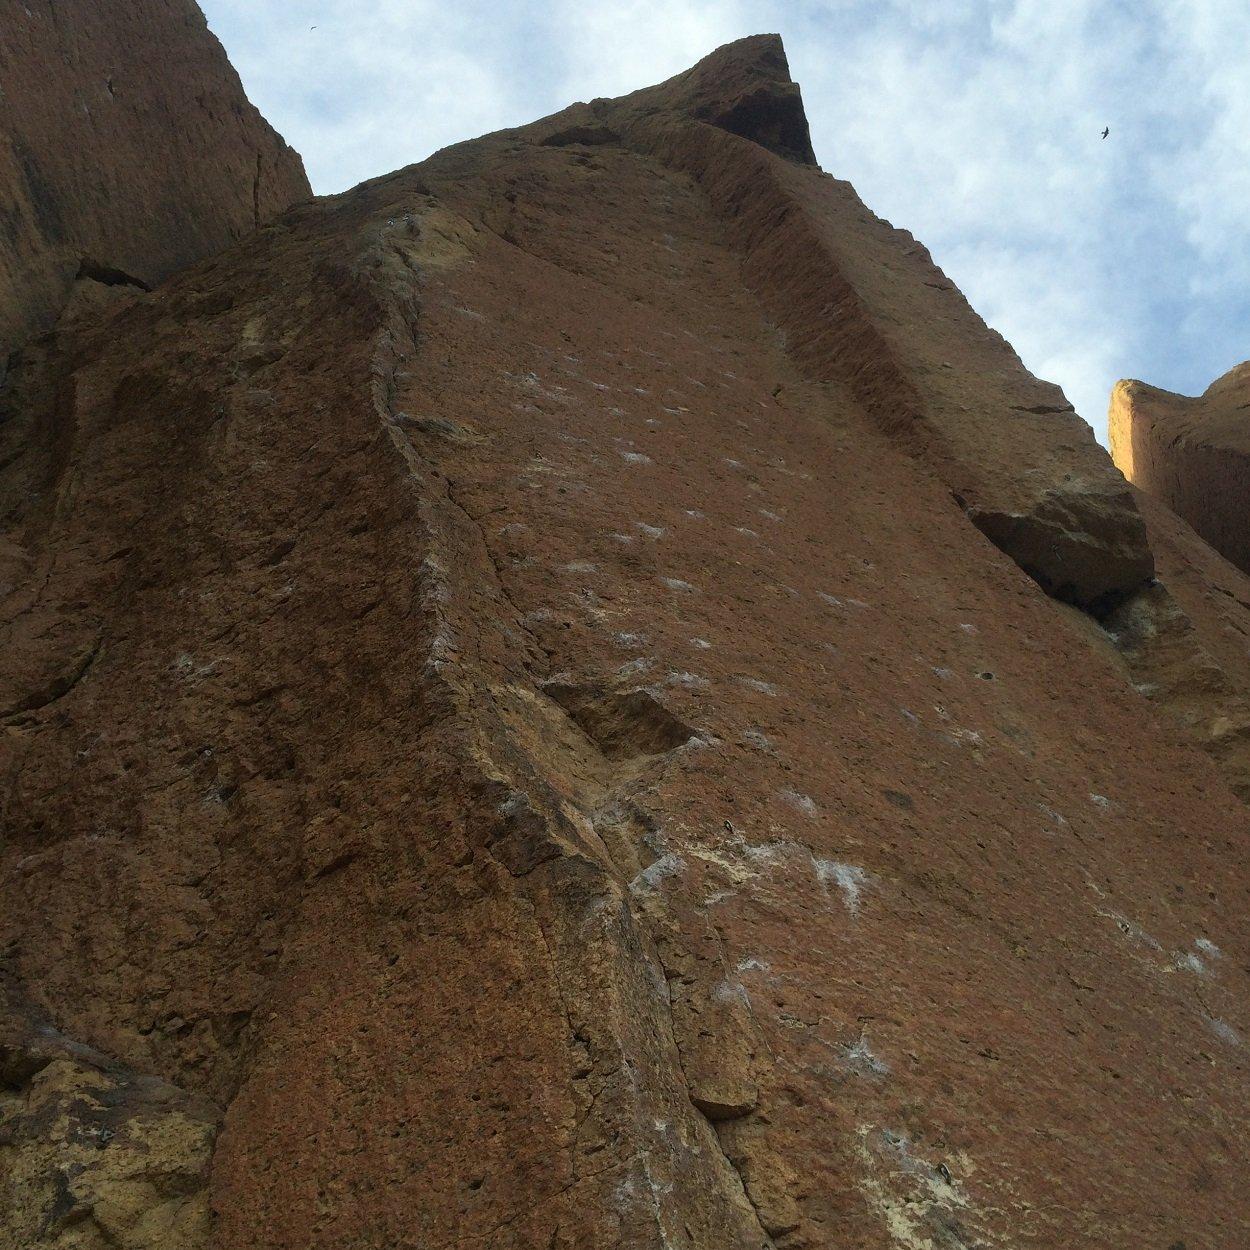 Wedding Day - Smith Rock Climbing